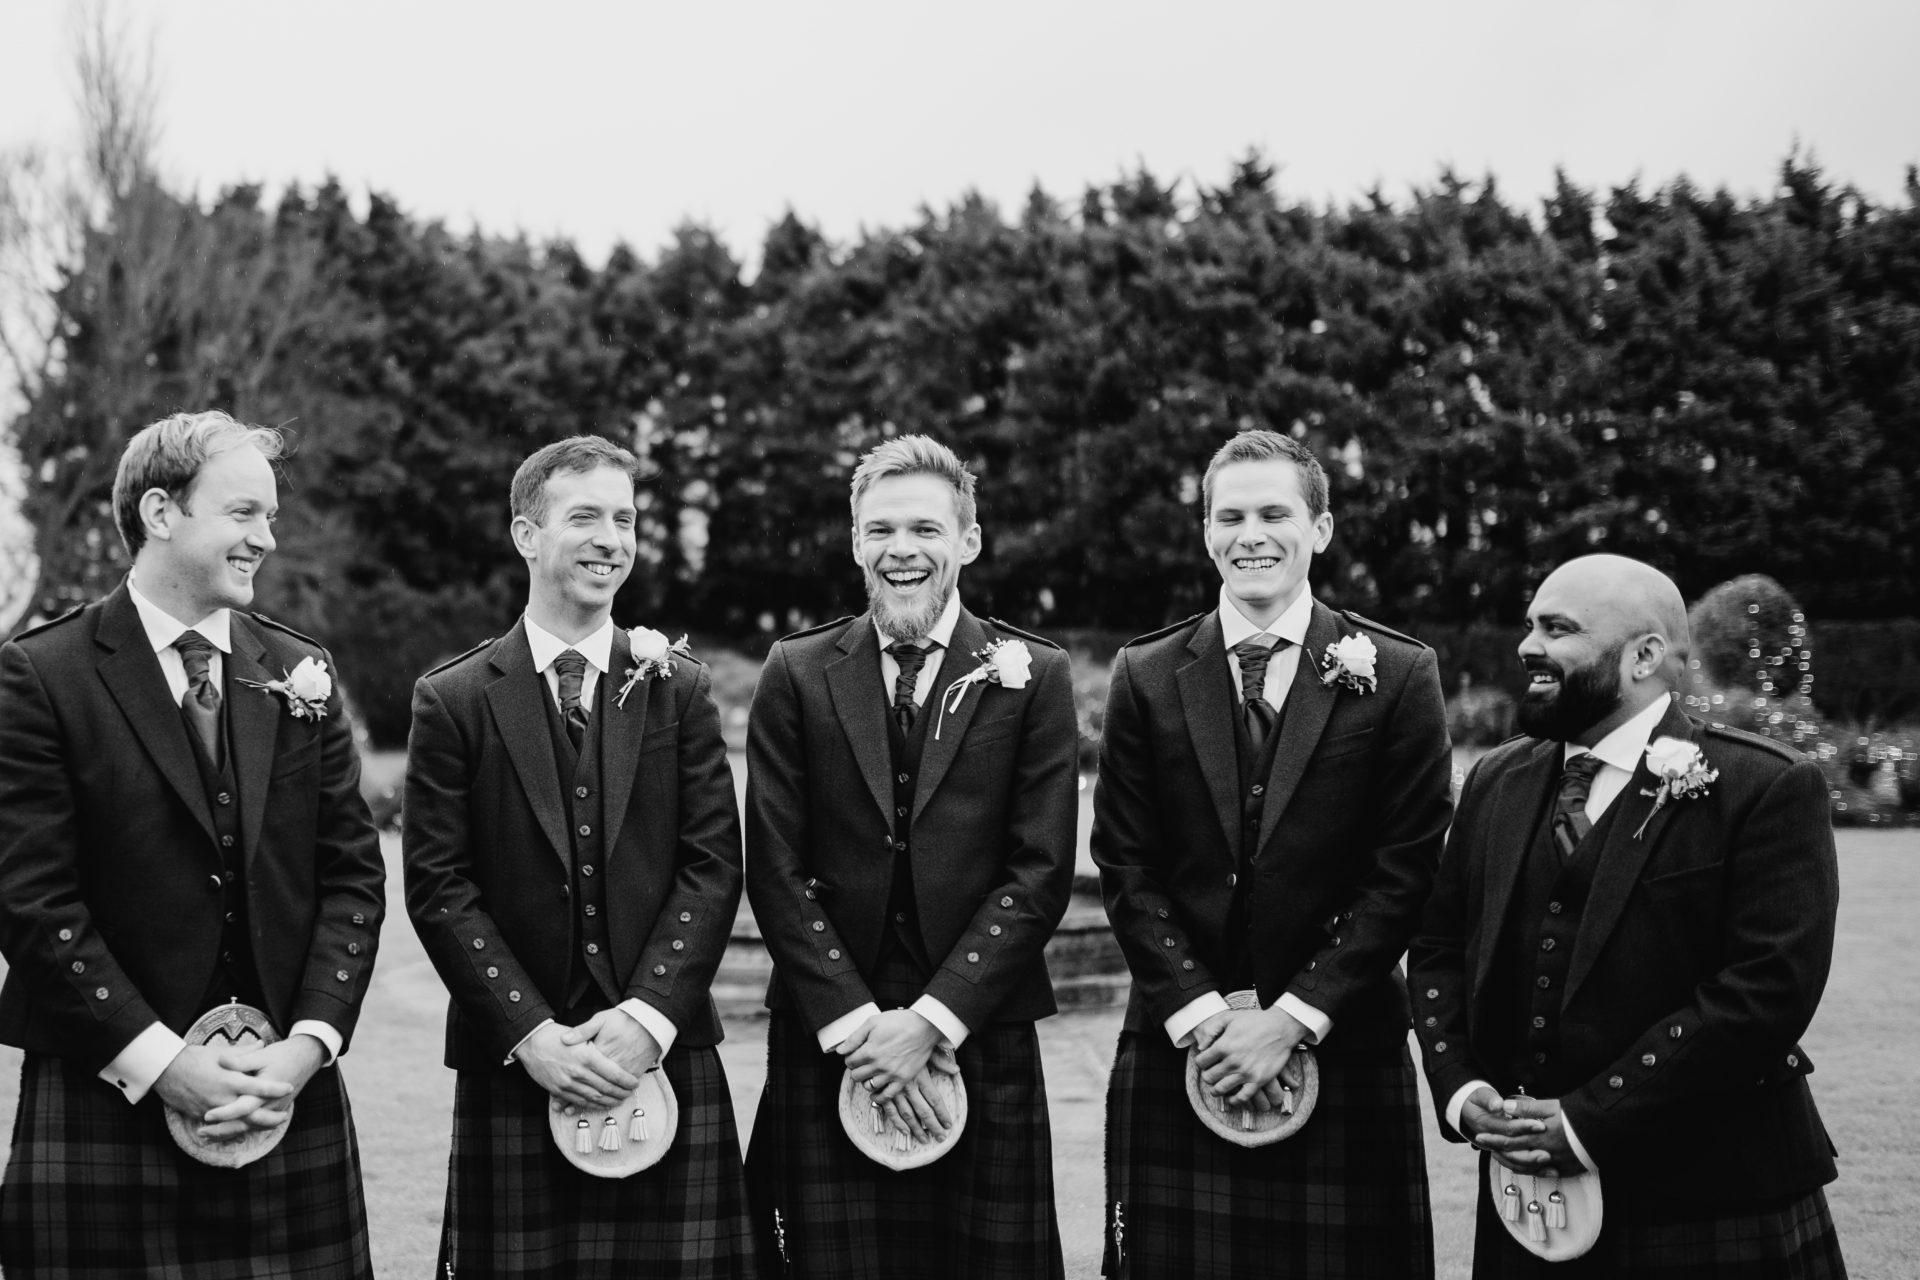 groomsmen and groom laughing in kilts